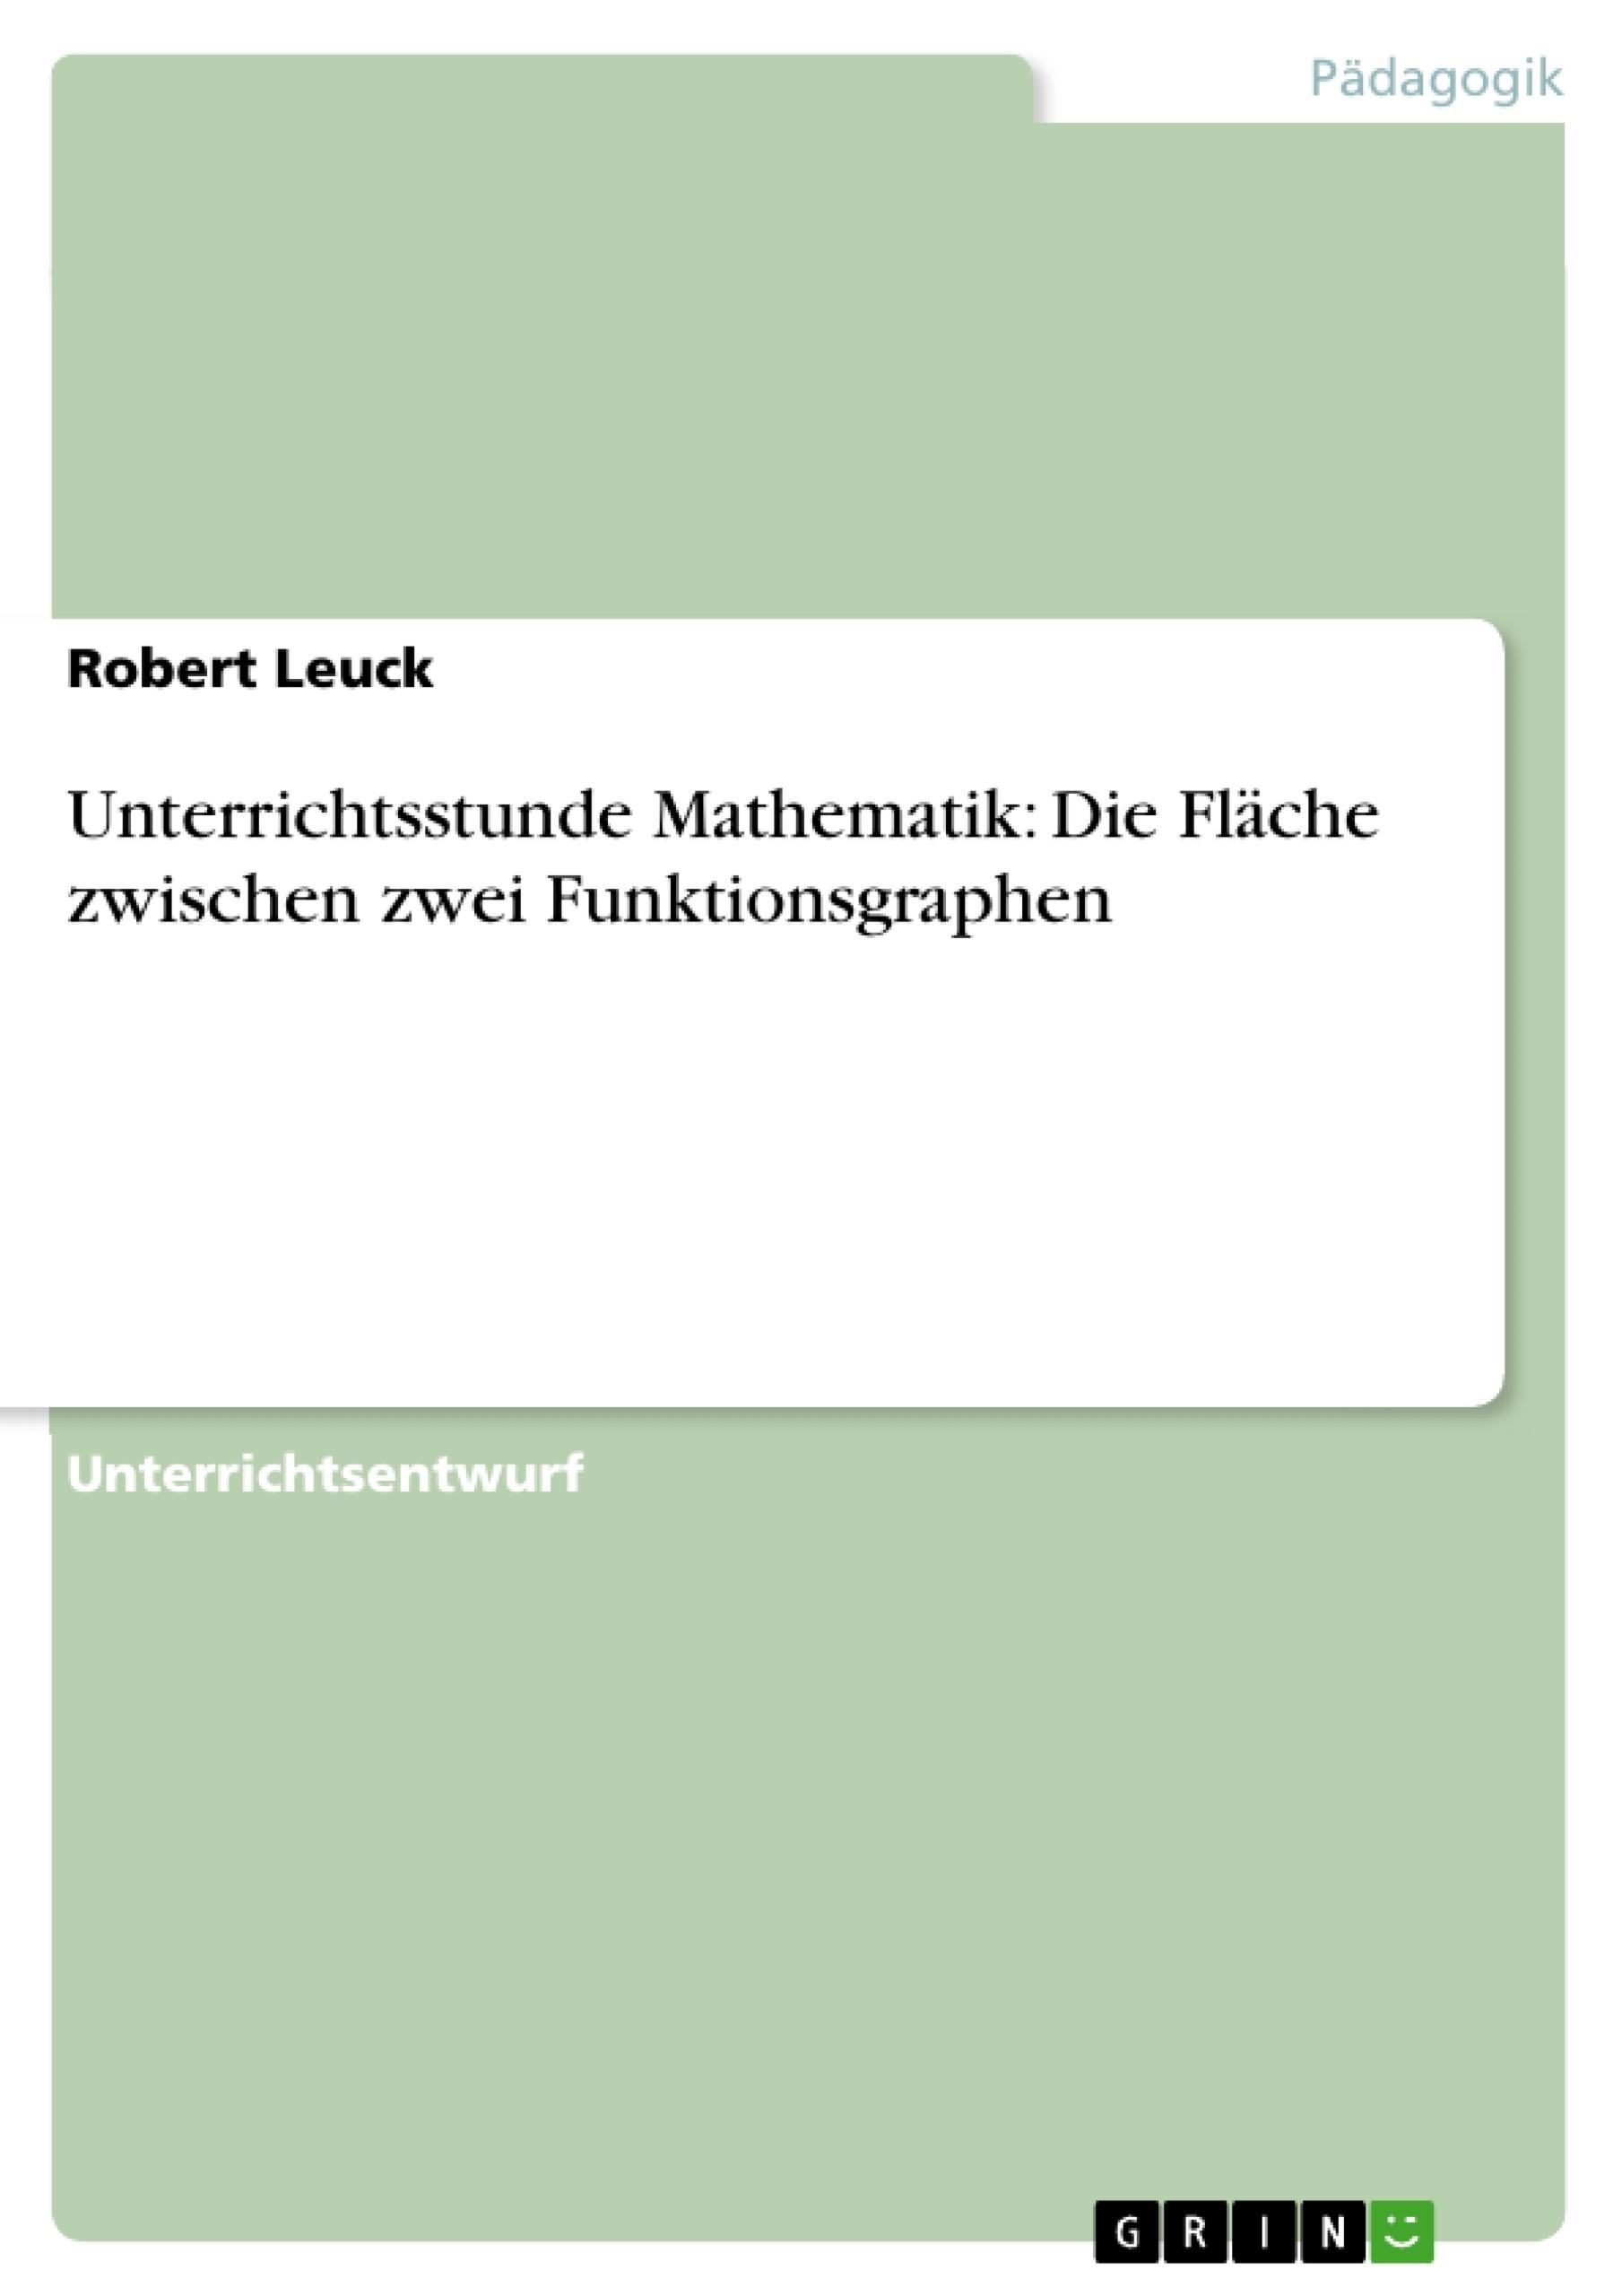 Titel: Unterrichtsstunde Mathematik: Die Fläche zwischen zwei Funktionsgraphen